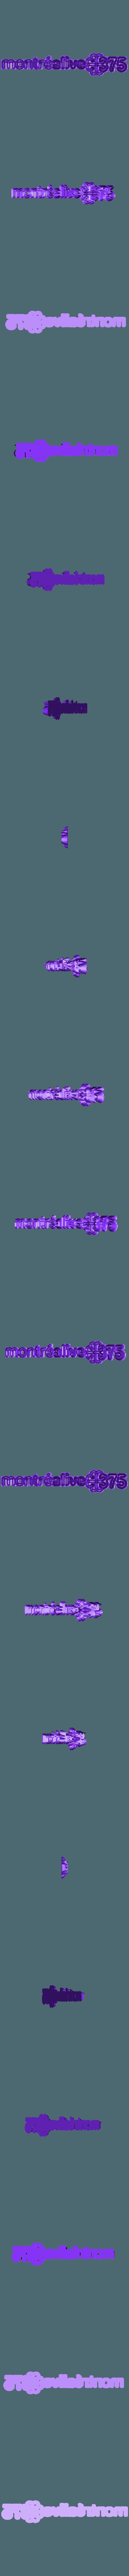 Montrealive_375.stl Télécharger fichier STL gratuit Logo de Montréal 375 - Anglais • Objet imprimable en 3D, makerwiz